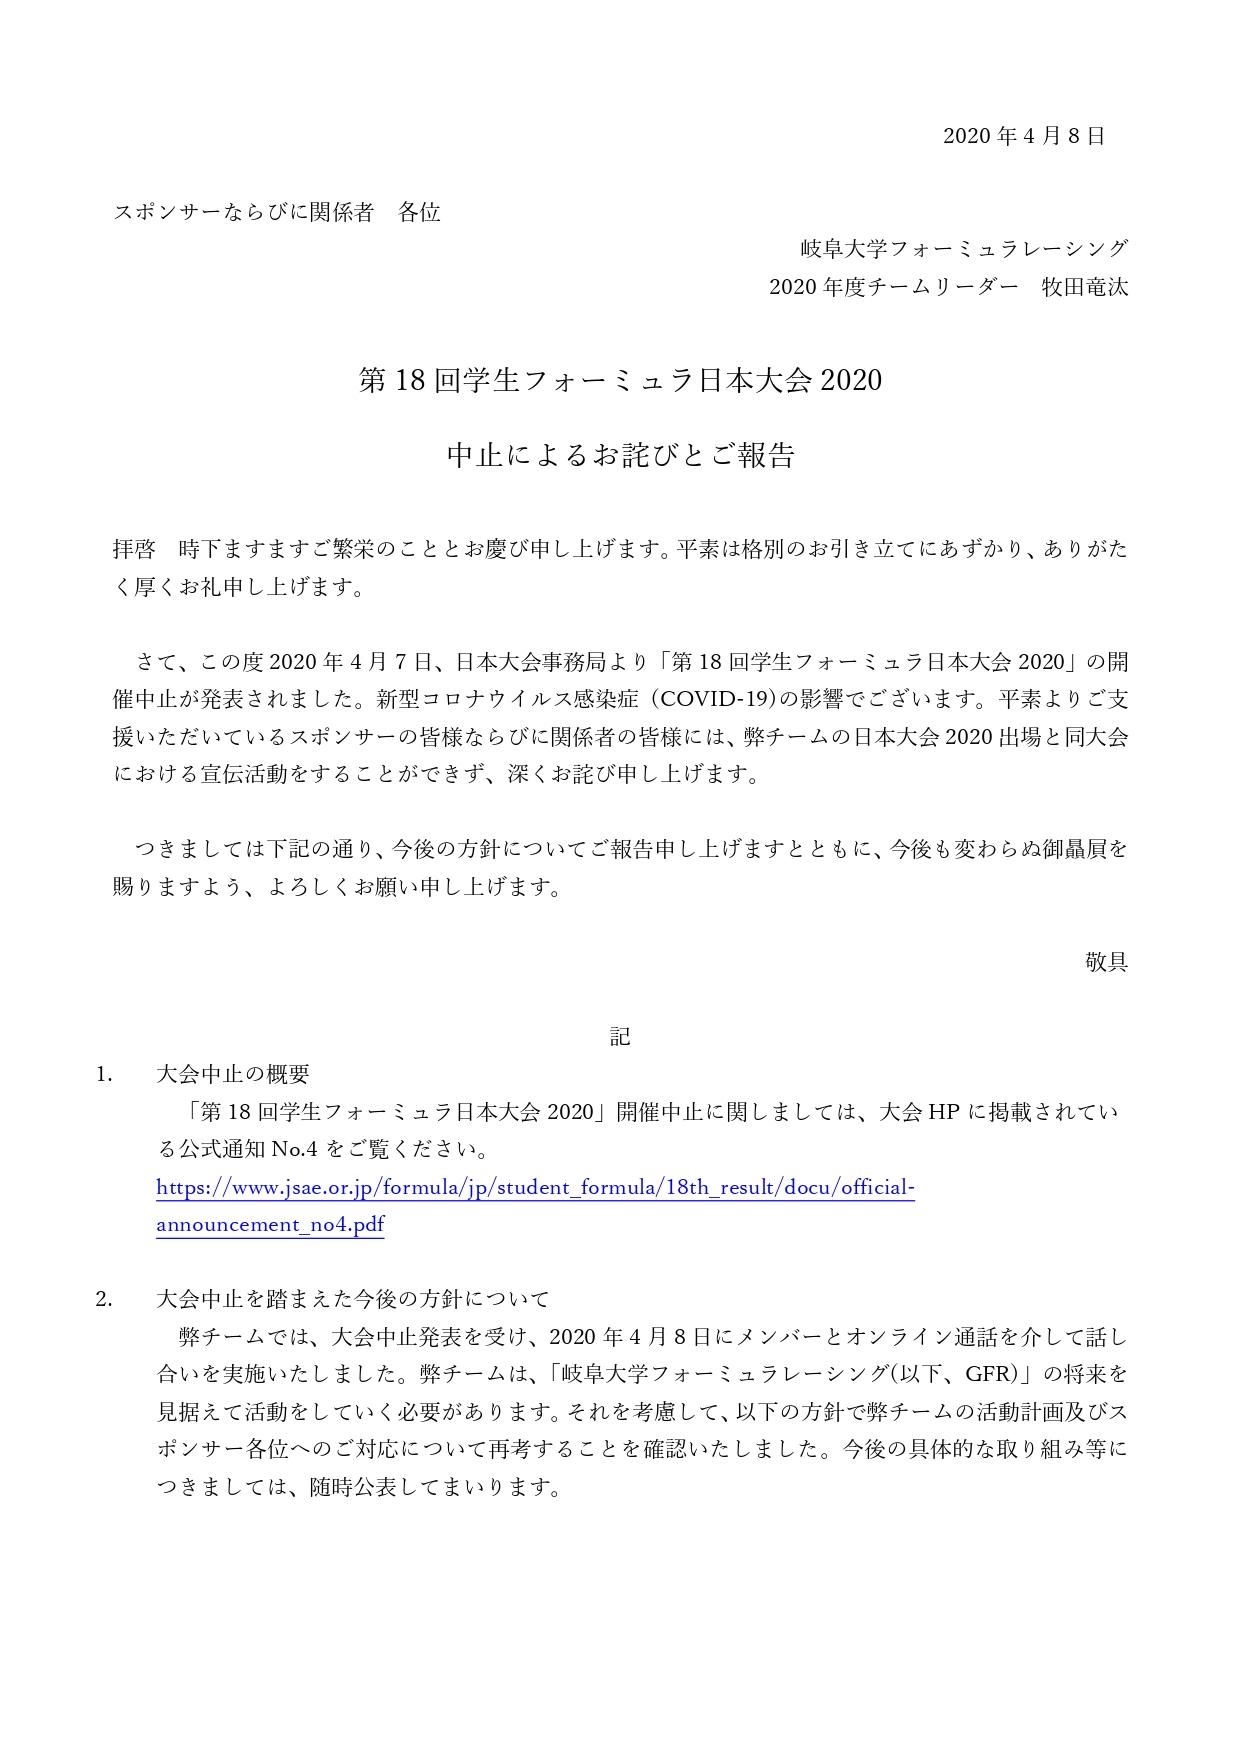 第18回学生フォーミュラ日本大会2020中止によるお詫びとご報告_pages-to-jpg-0001